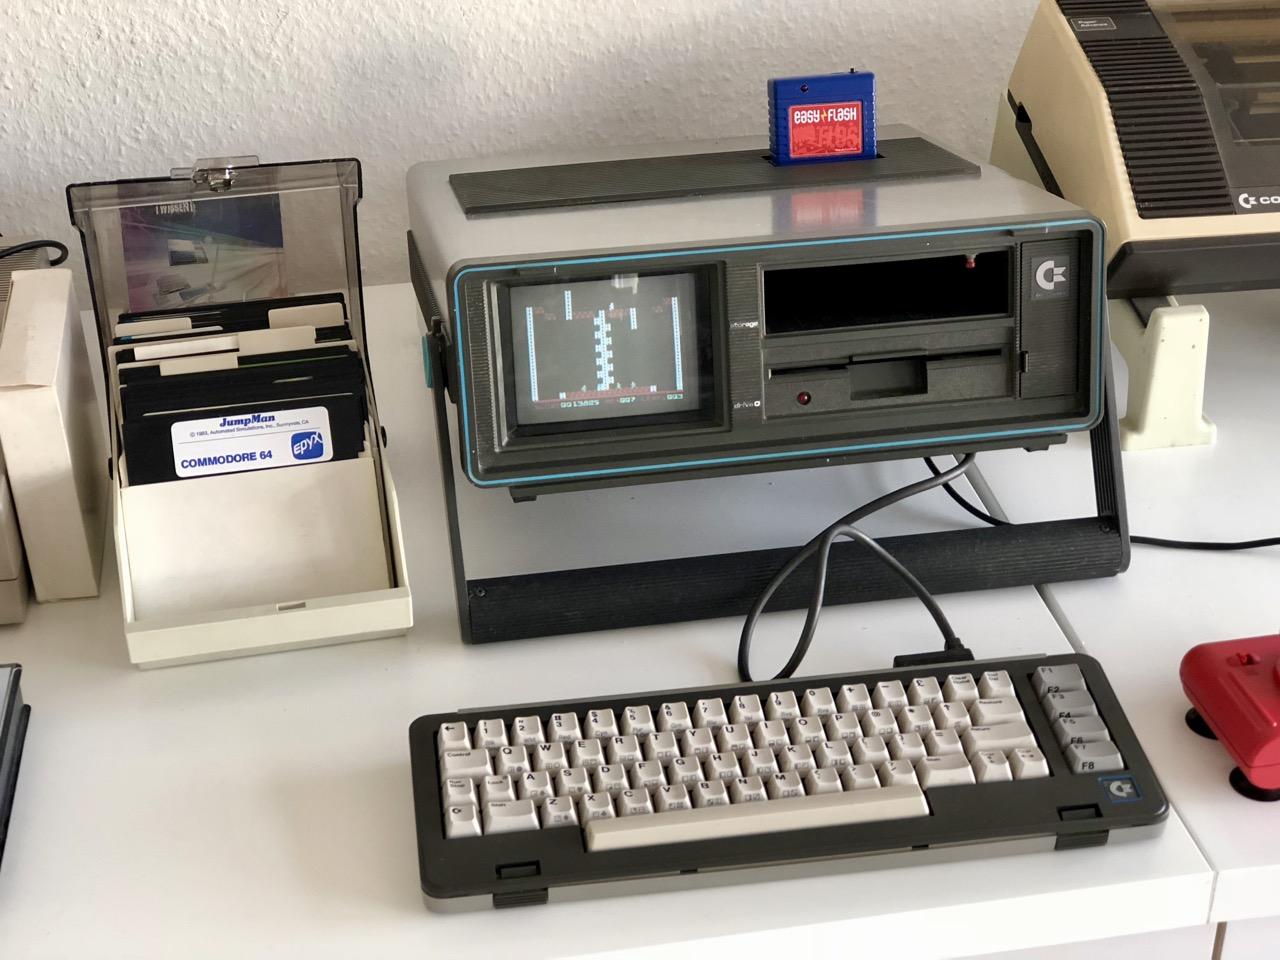 Der Commdore SX-64 im Heimcomputer-Bereich. (Bild: André Eymann)